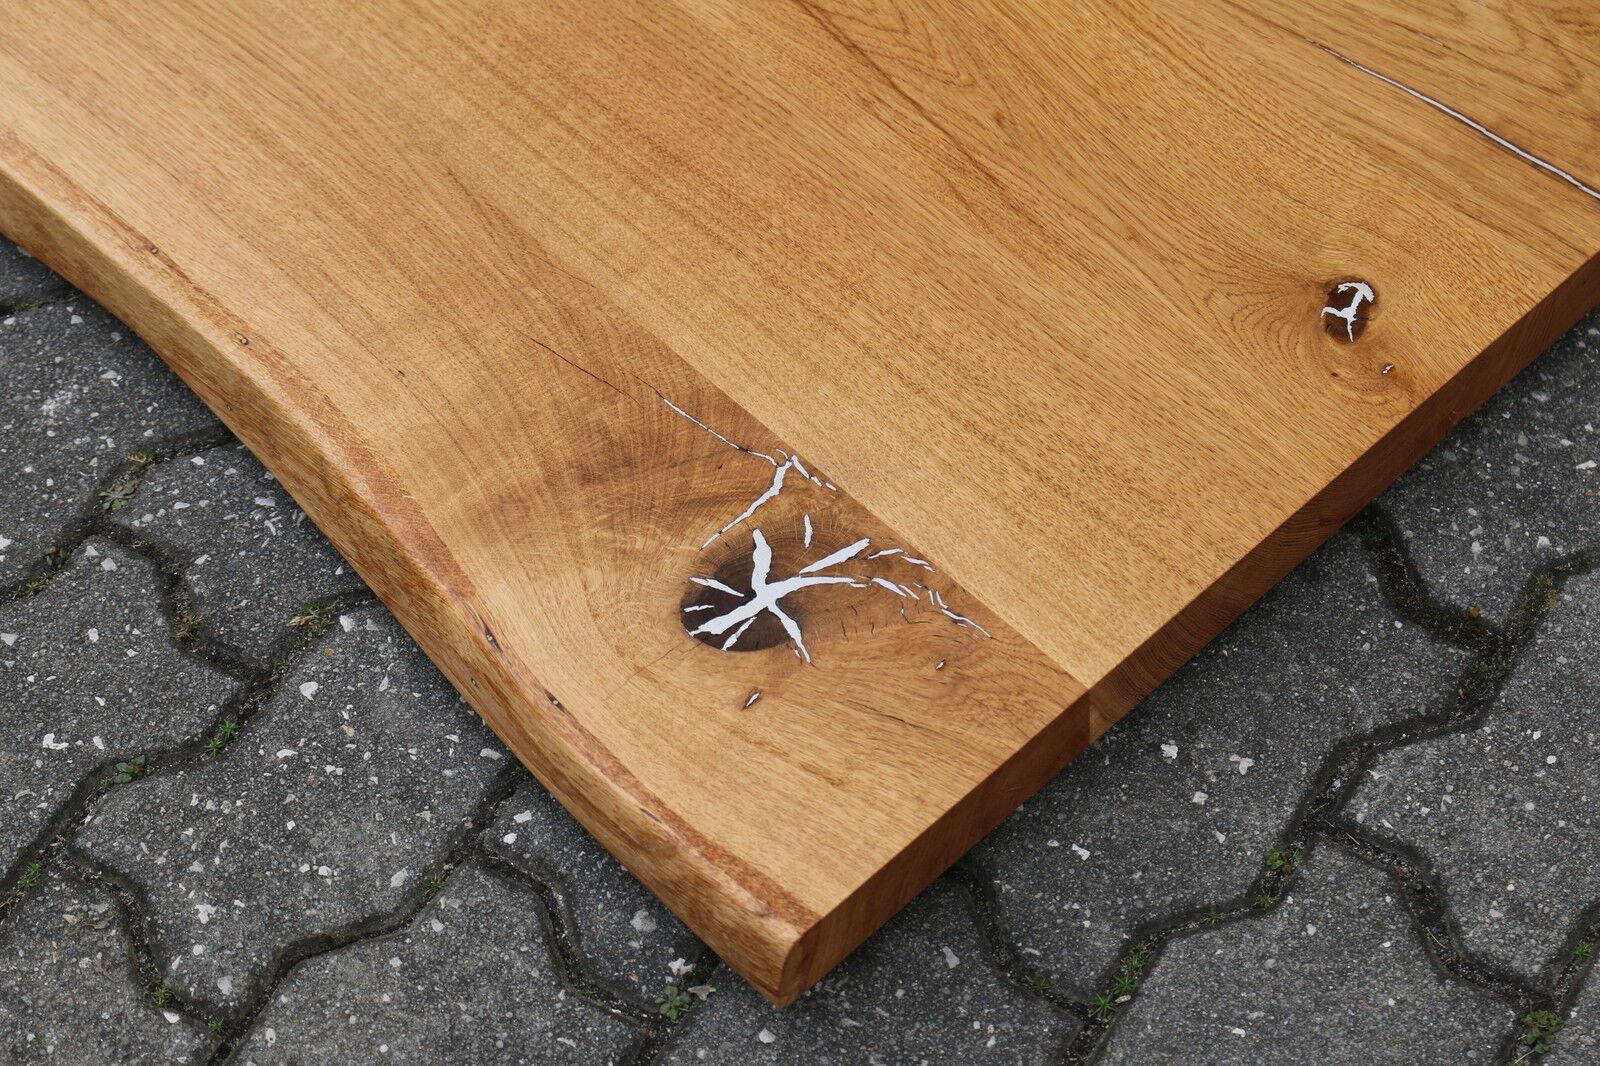 tischplatte platte eiche wild mit zinn massiv holz mit baumkante neu leimholz eur 900 00. Black Bedroom Furniture Sets. Home Design Ideas